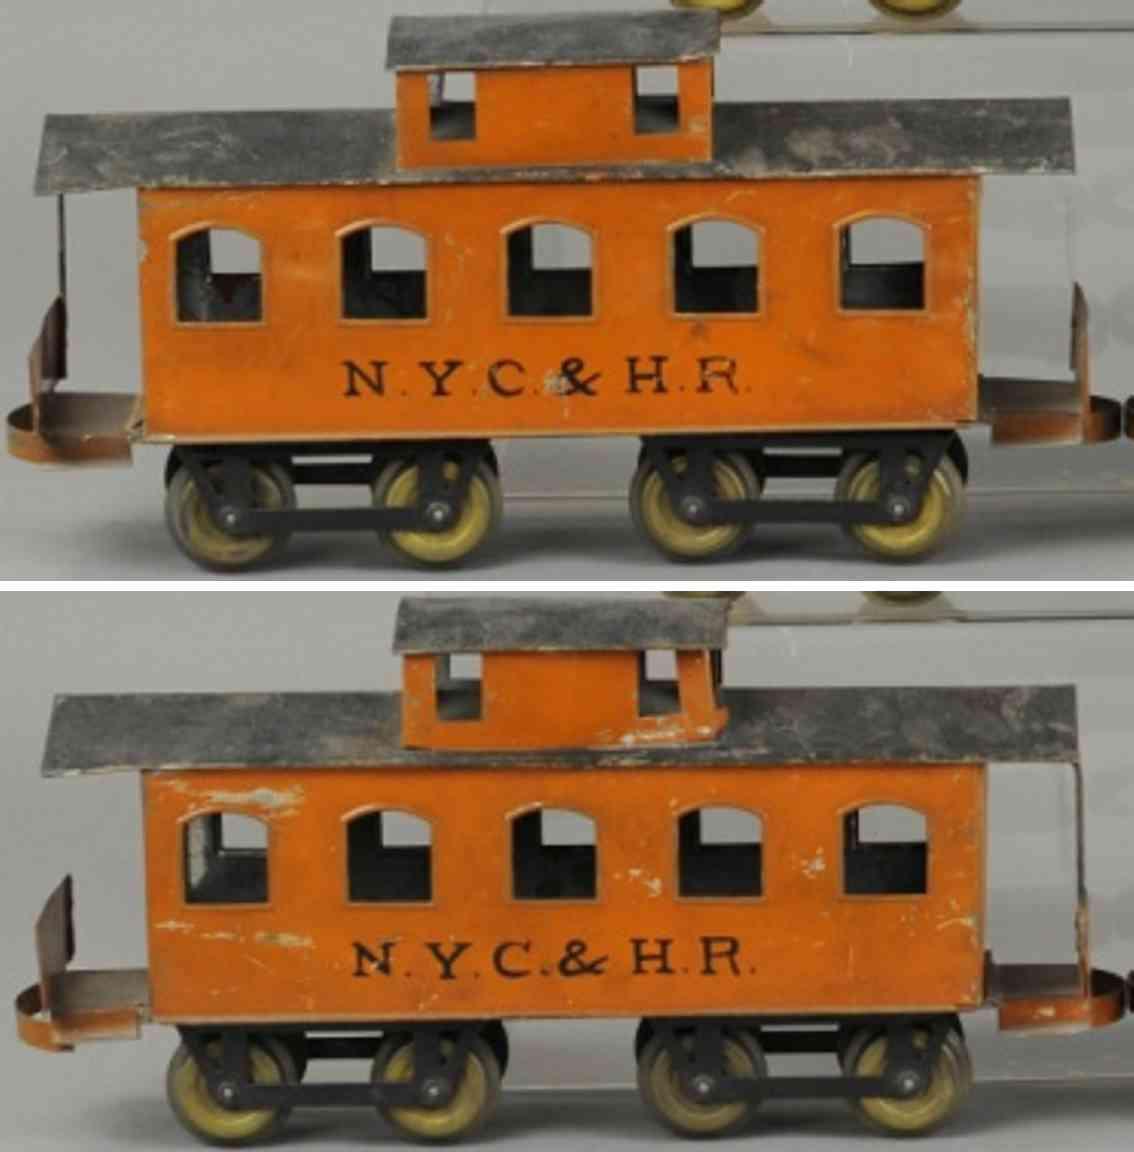 carlisle & finch 92 nyc&hr spielzeug eisenbahn caboose orange